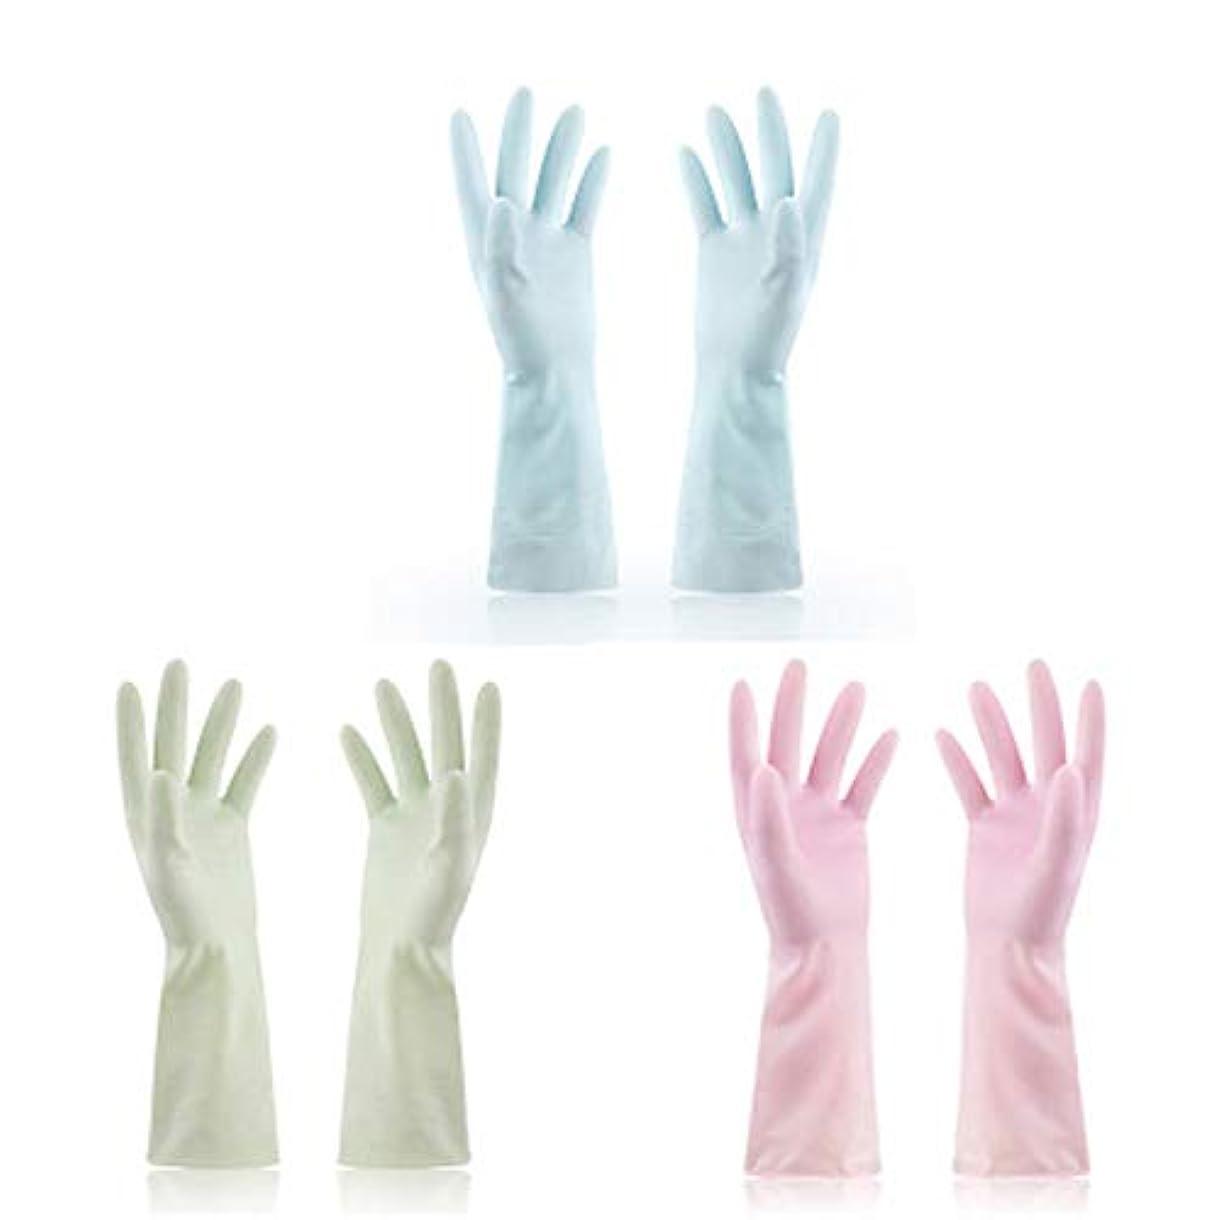 教える安全一使い捨て手袋 使い捨て手袋防水ラテックス焦げ付き防止ゴム製ゴム製台所手袋、3組 ニトリルゴム手袋 (Color : Multi-colored, Size : M)